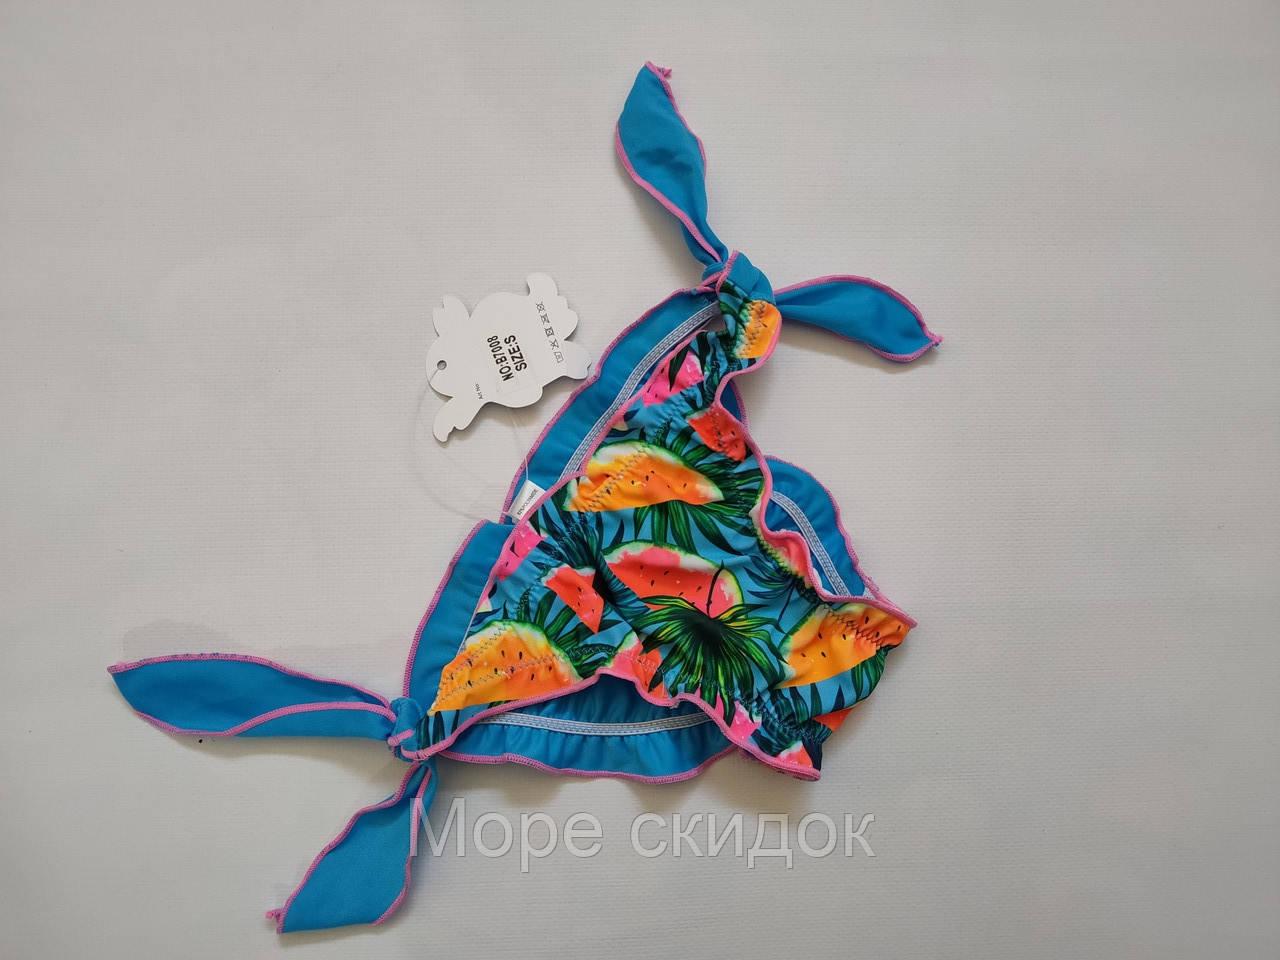 Плавки FUBA для девочек 7008 -16 Малятка  (в наличии  26 28 30 размеры)